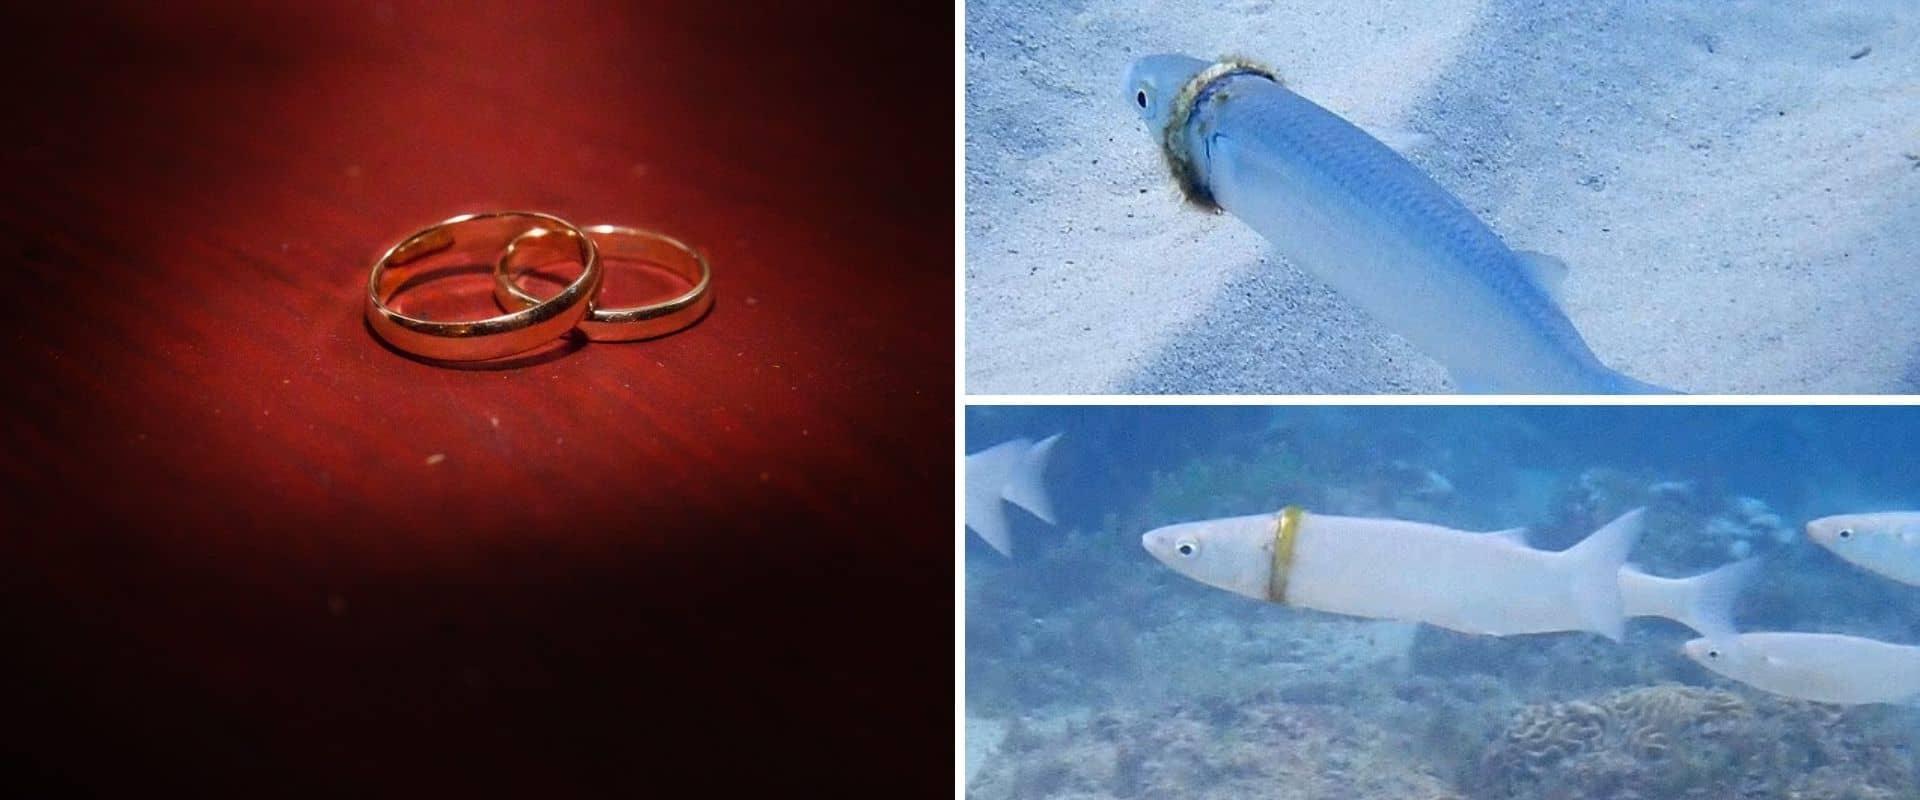 Una buceadora encontró la alianza que un hombre había perdido hace varios meses en una isla de Australia, la llevaba un pez